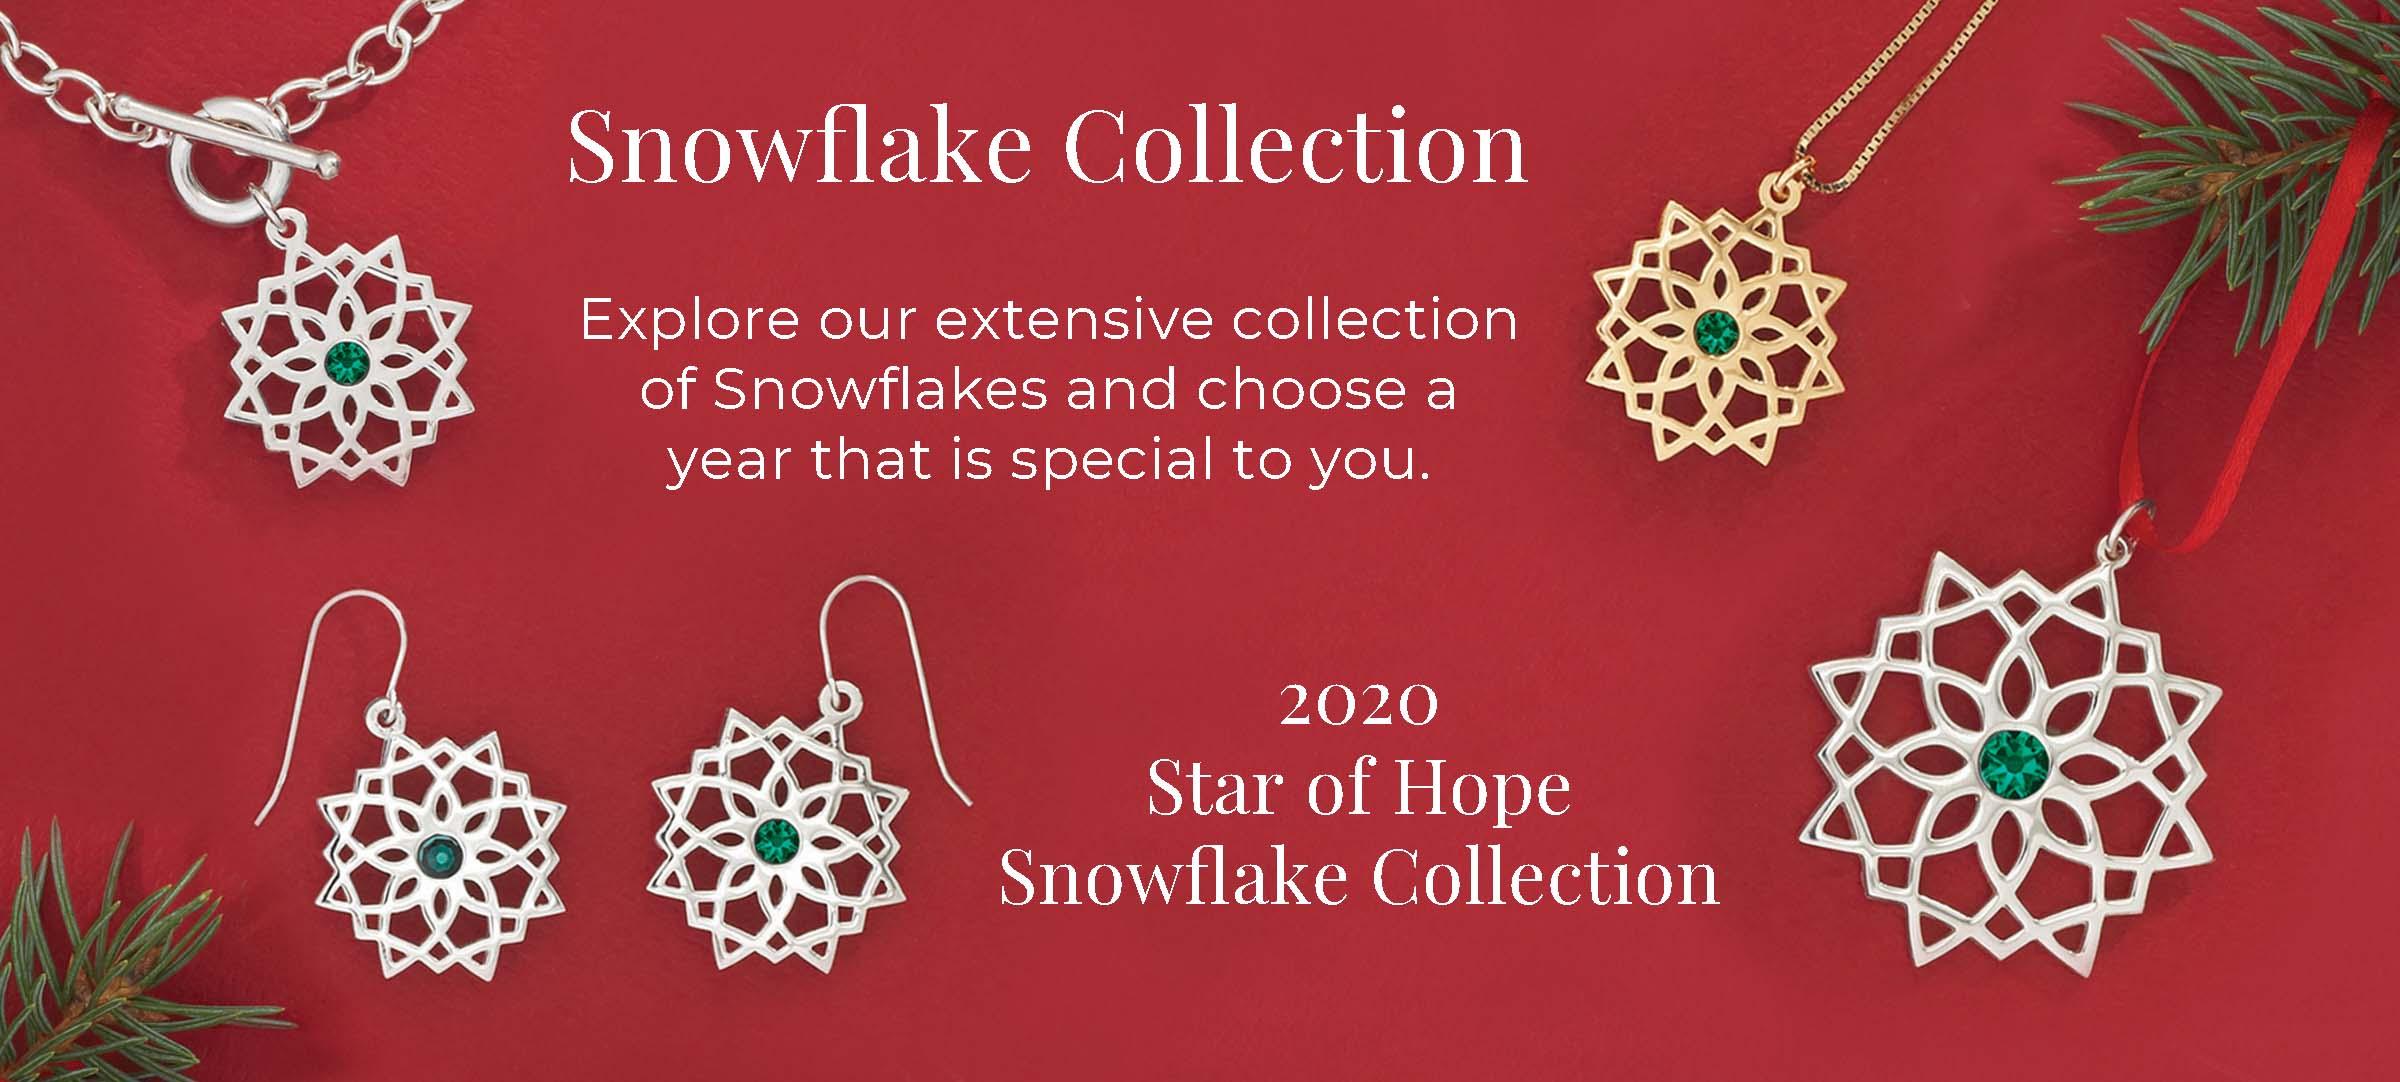 snowflake-landing-page-2.jpg